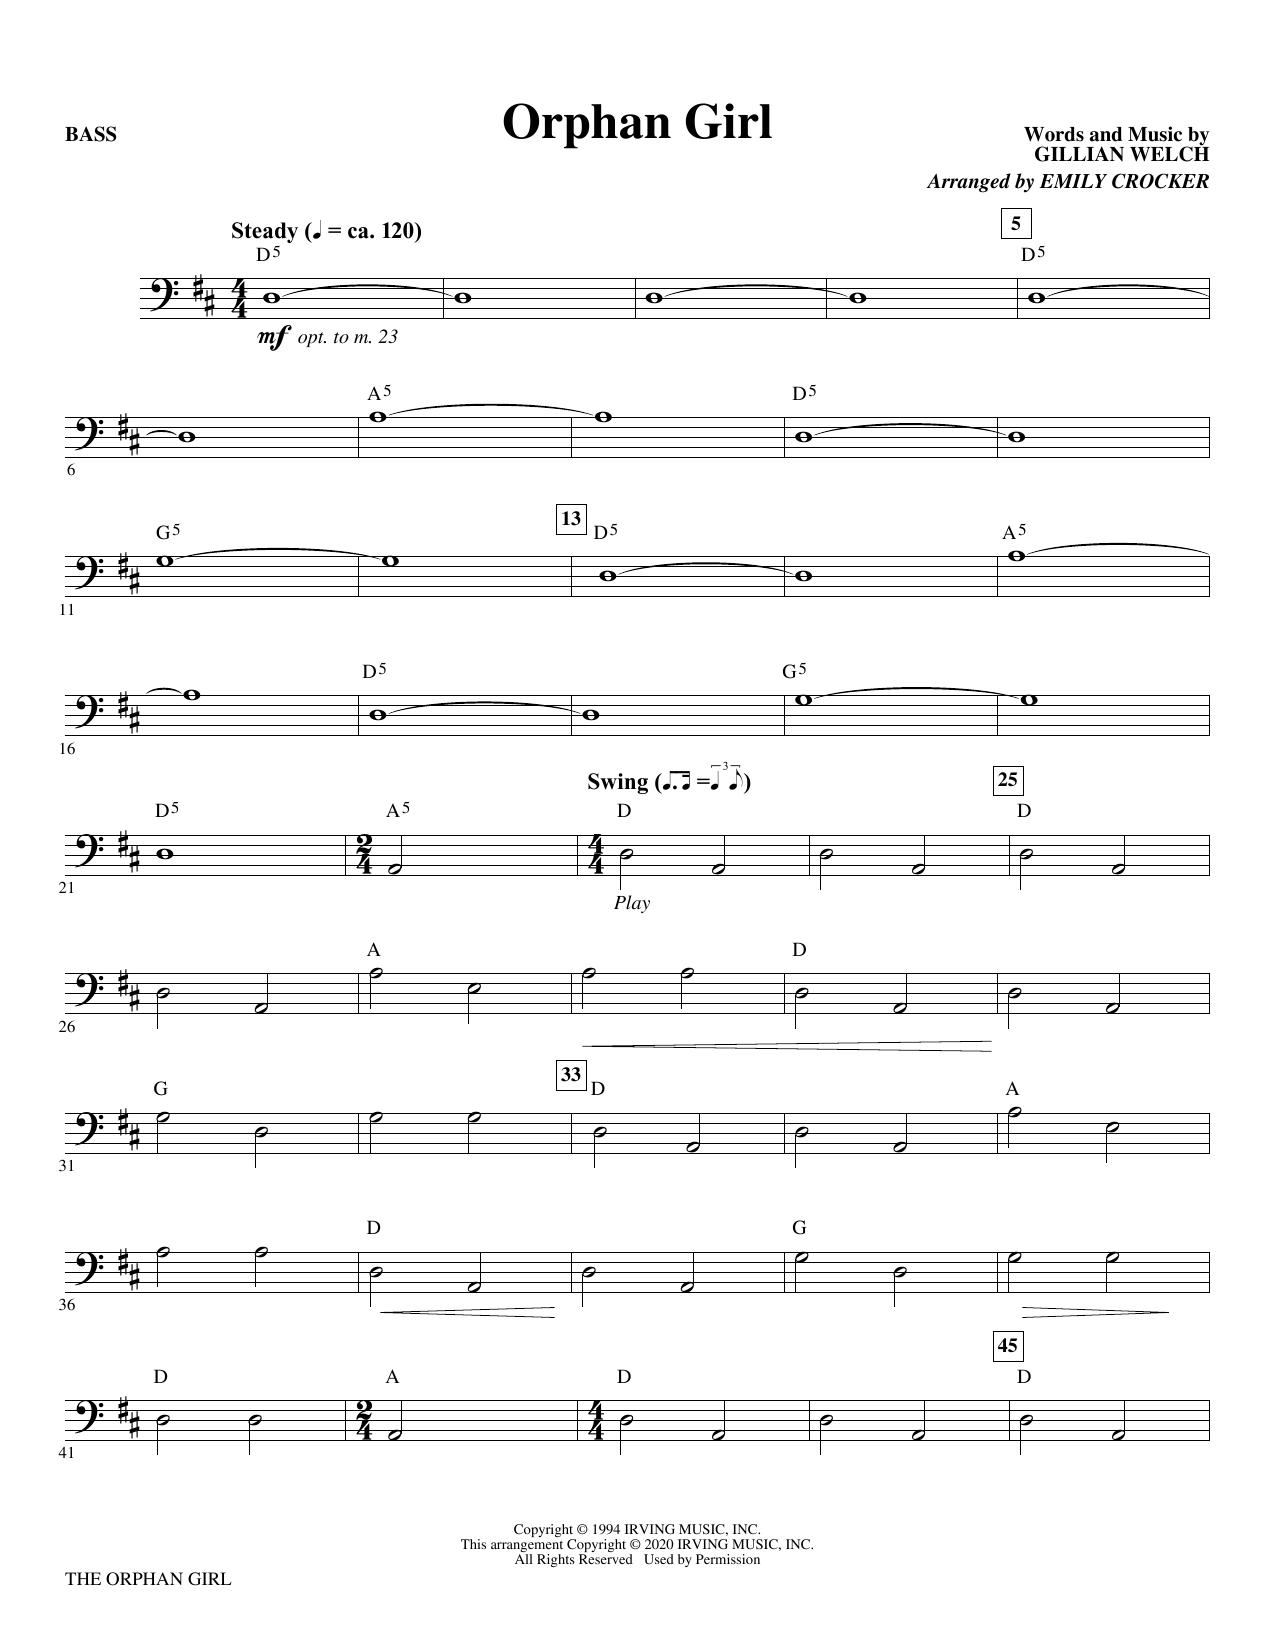 Orphan Girl (arr. Emily Crocker) - Bass Sheet Music